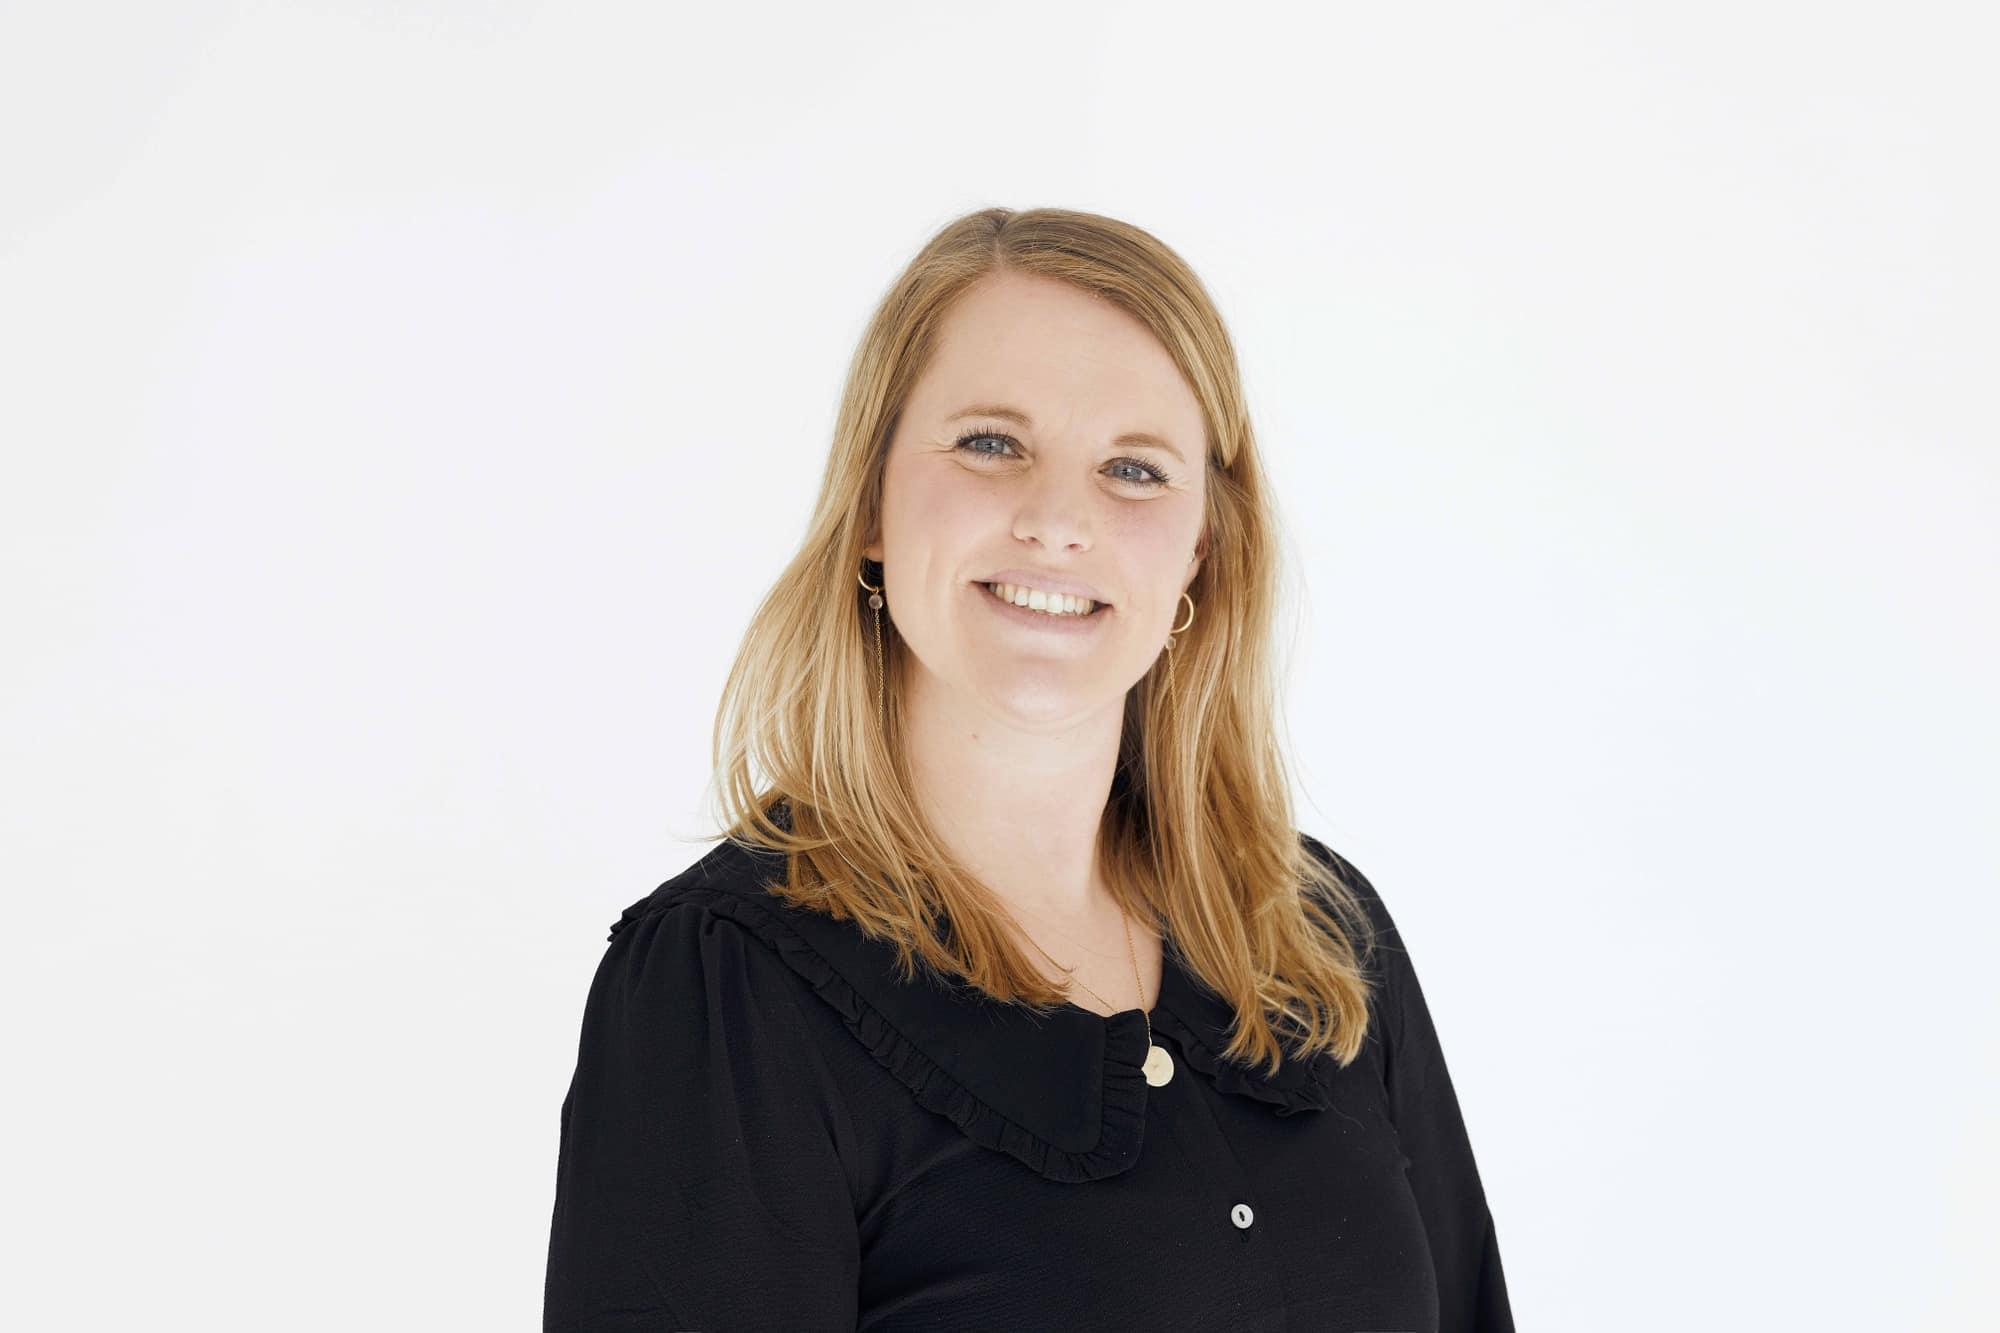 Et billede af Katrine Larsen foran en hvid væg